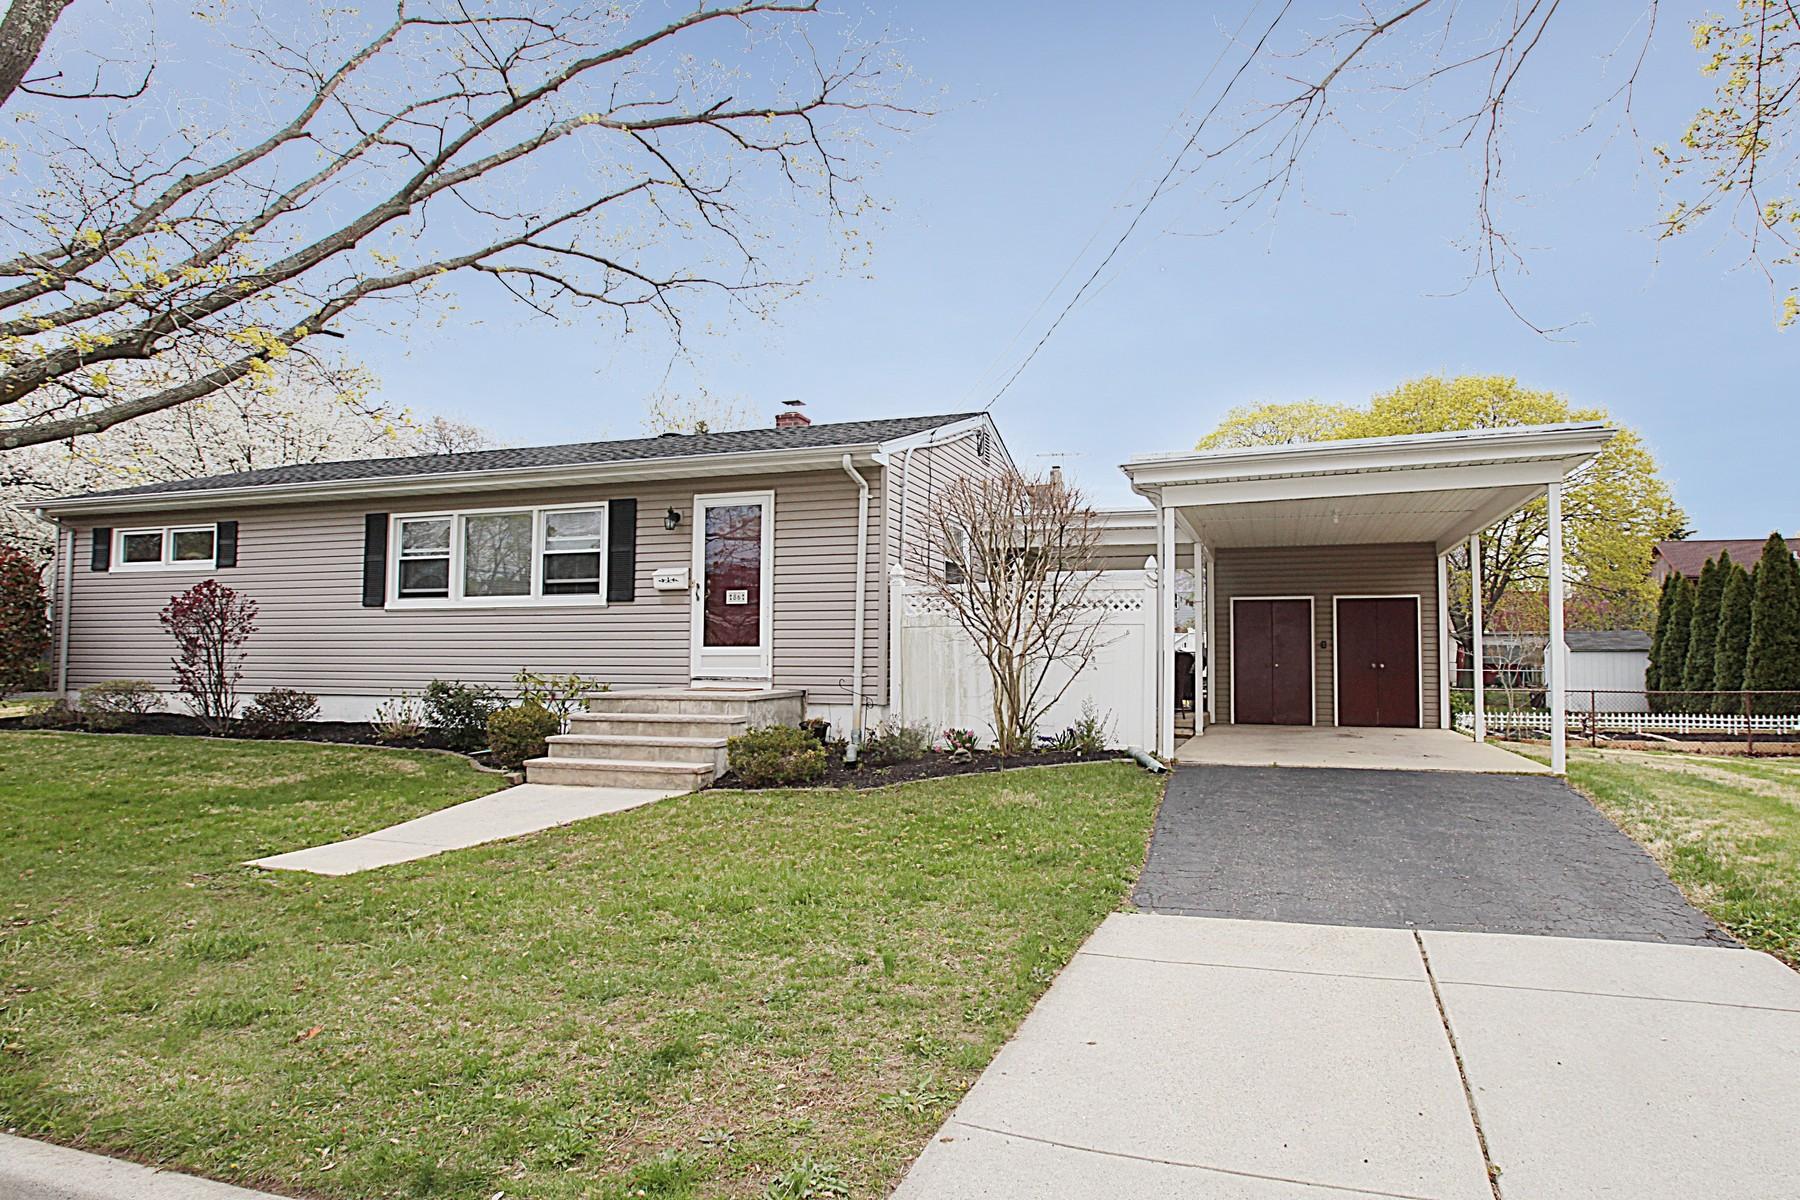 Einfamilienhaus für Verkauf beim Charming Contemporary 86 7th Ave. Atlantic Highlands, New Jersey 07716 Vereinigte Staaten